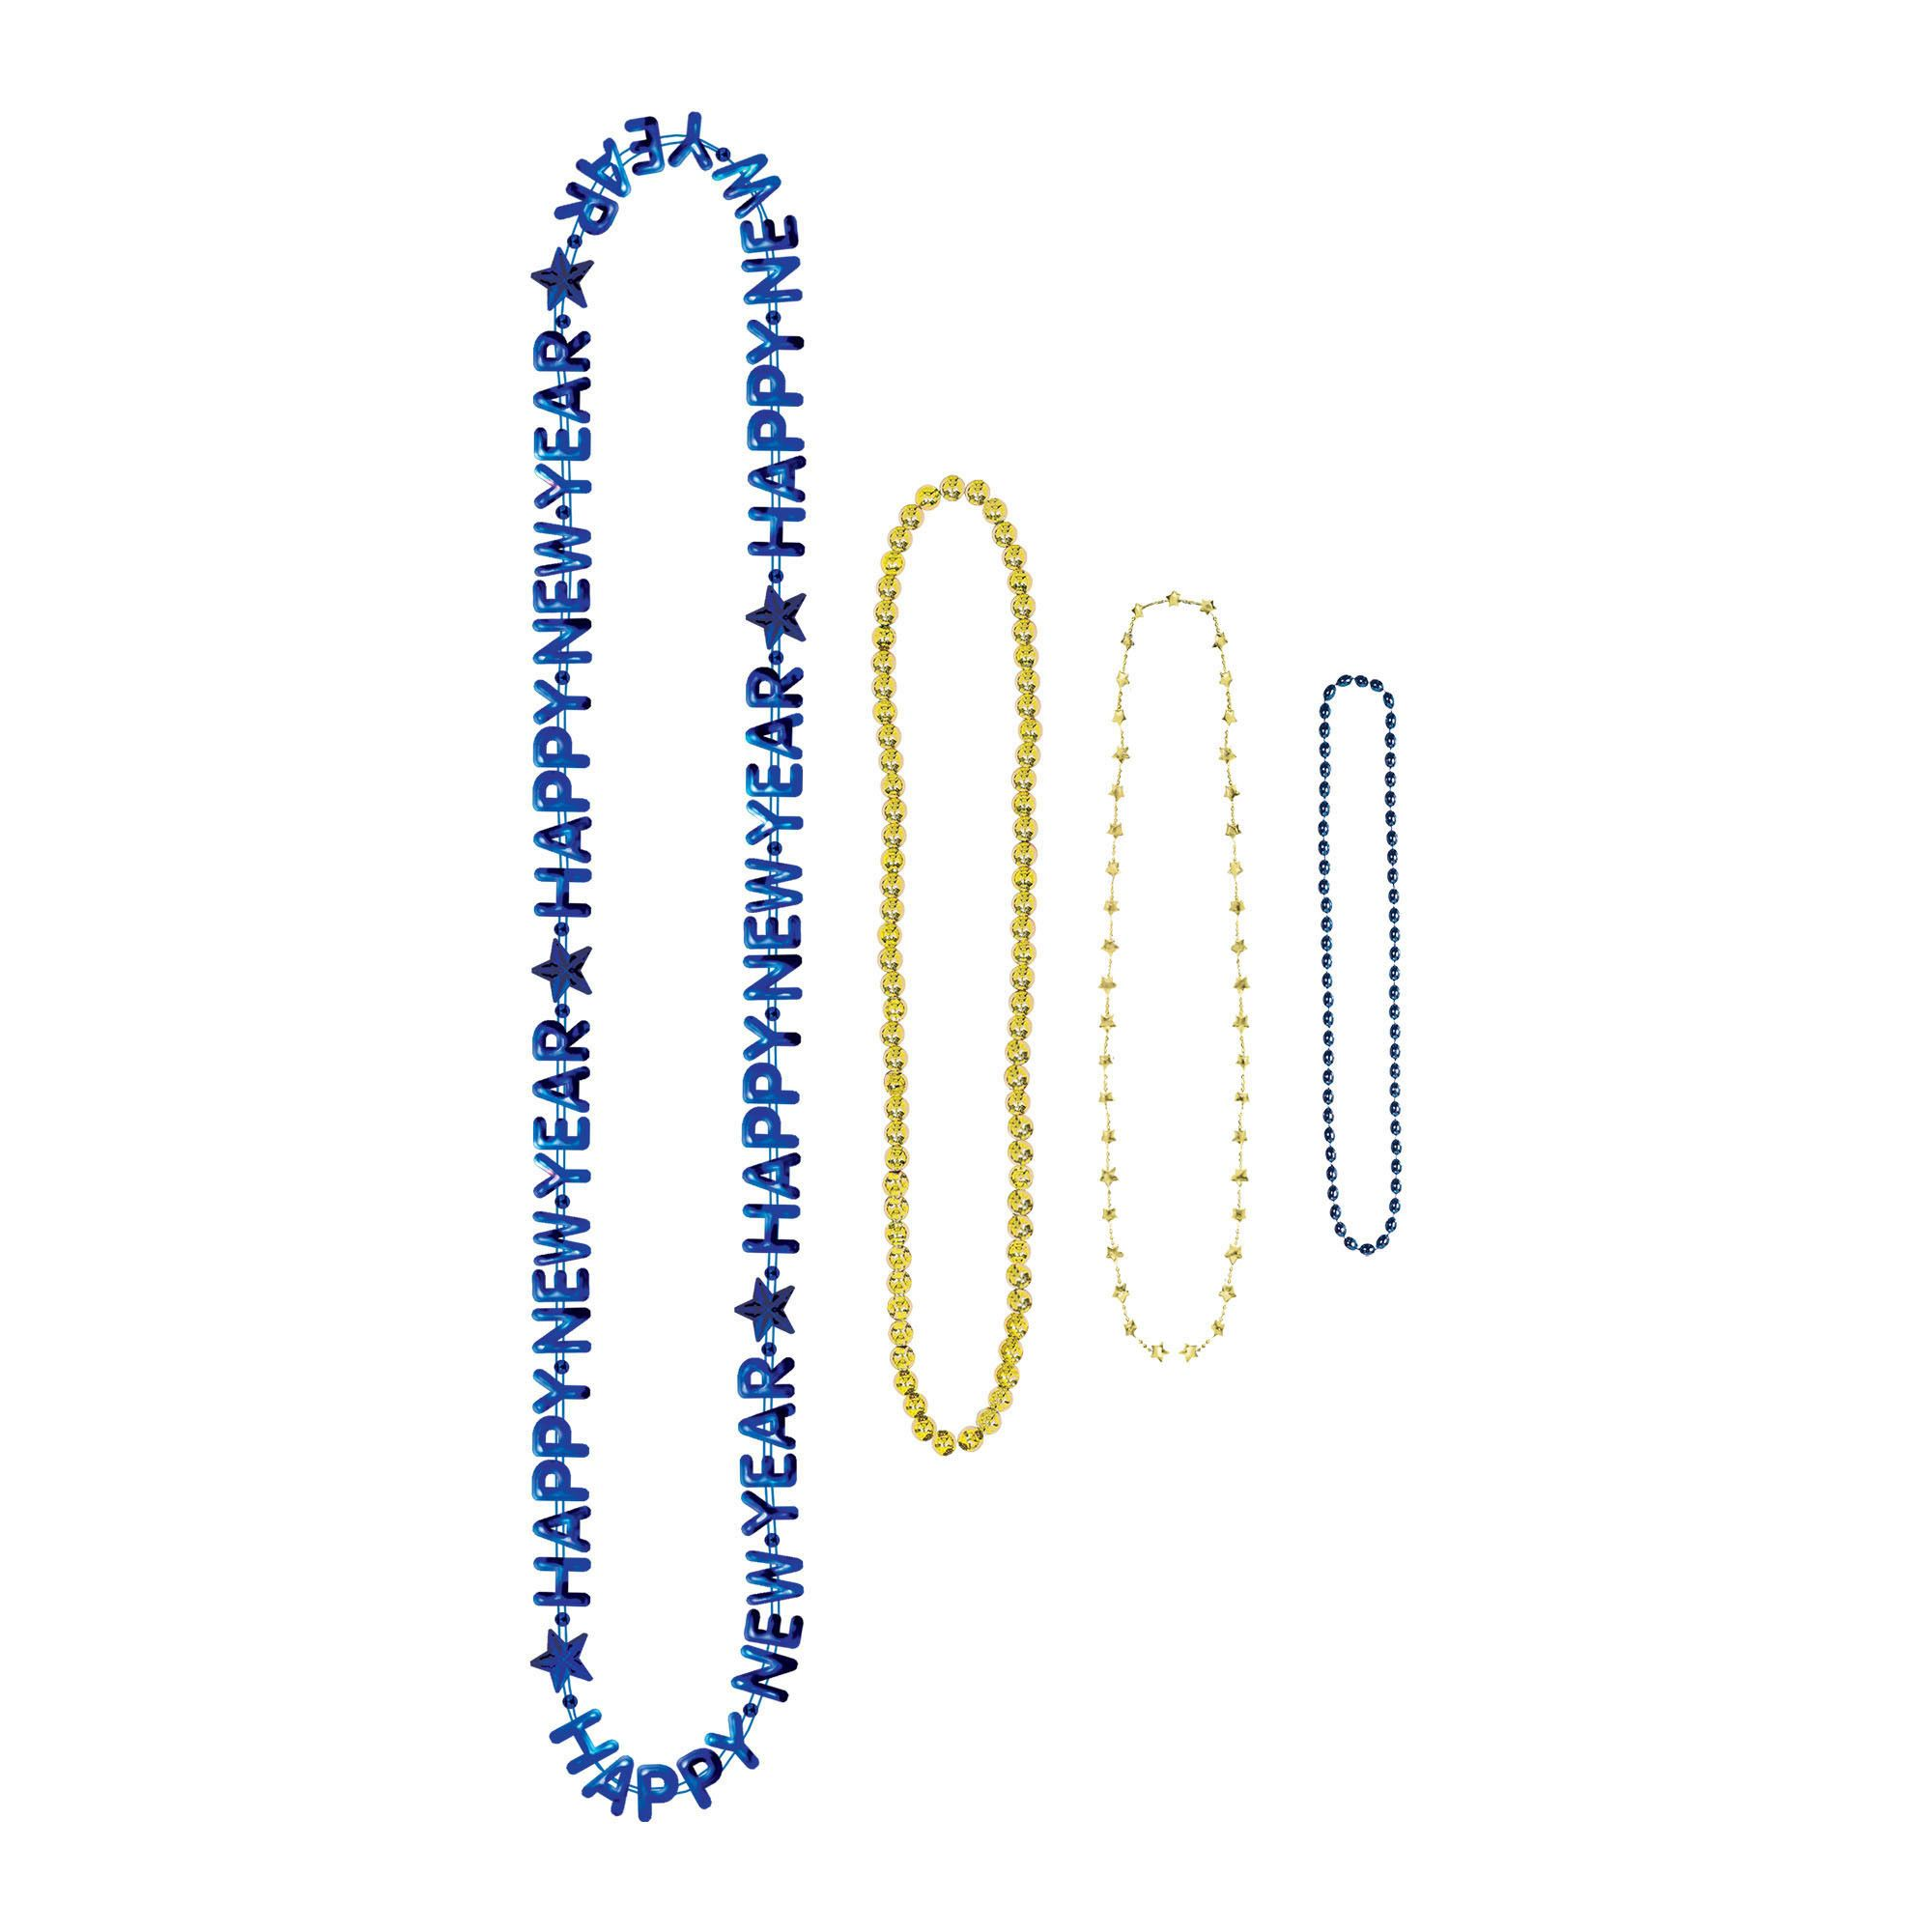 Midnight NYE Beads